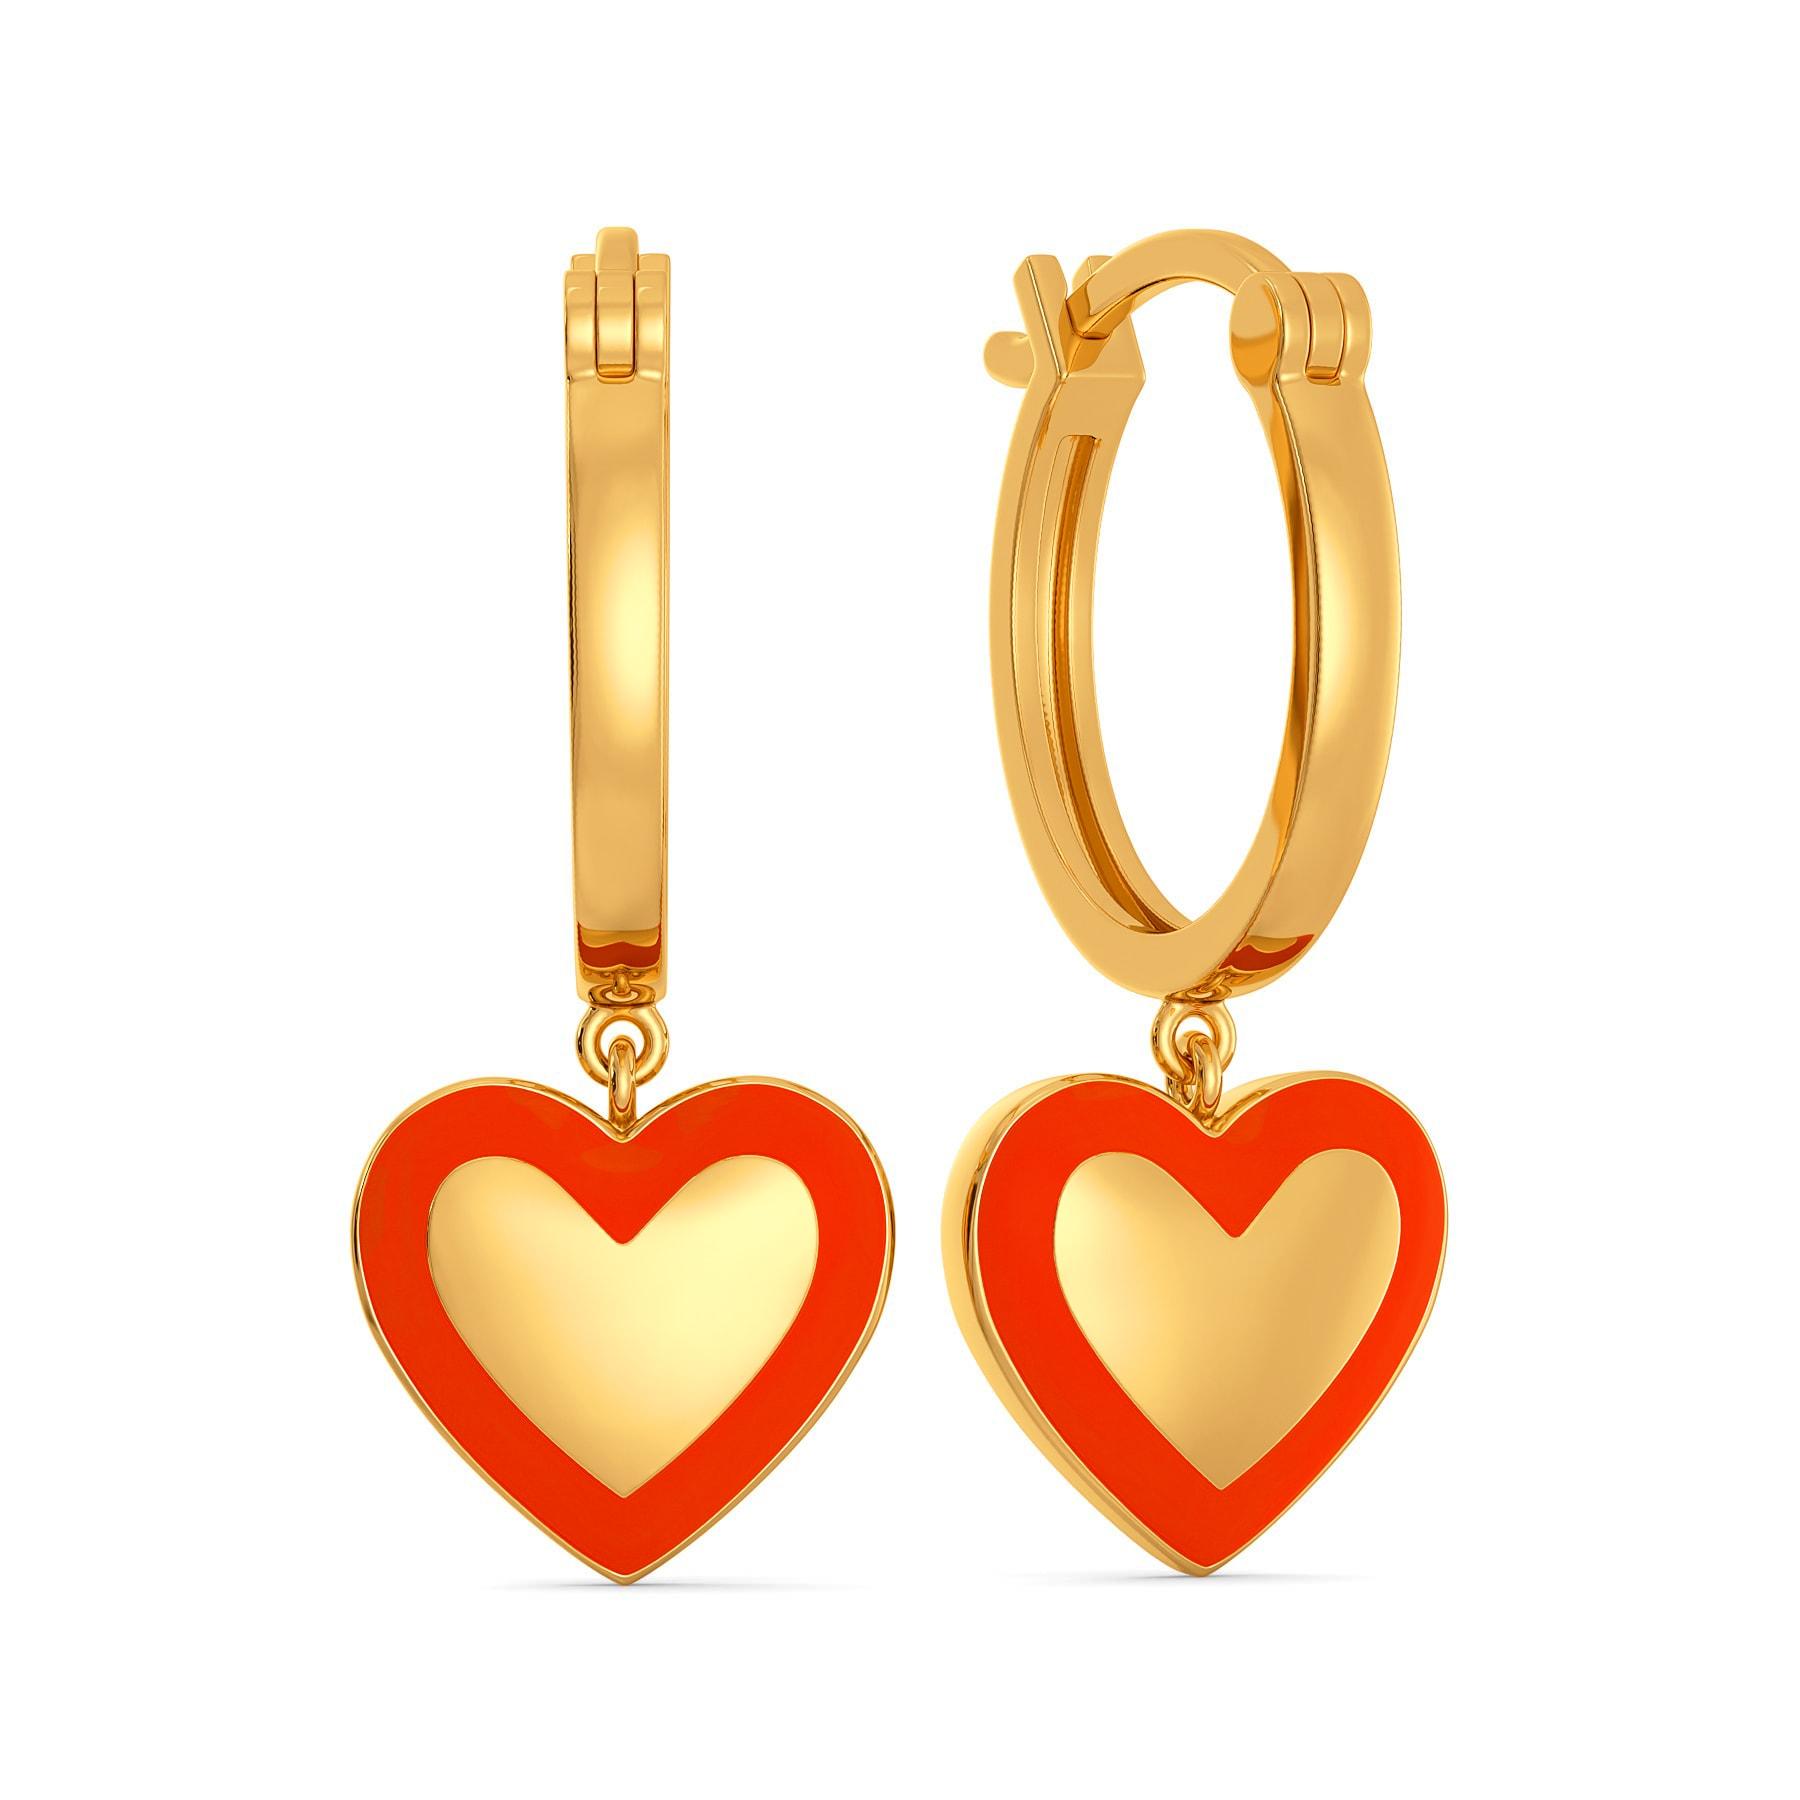 Fluoro Fire Gold Earrings